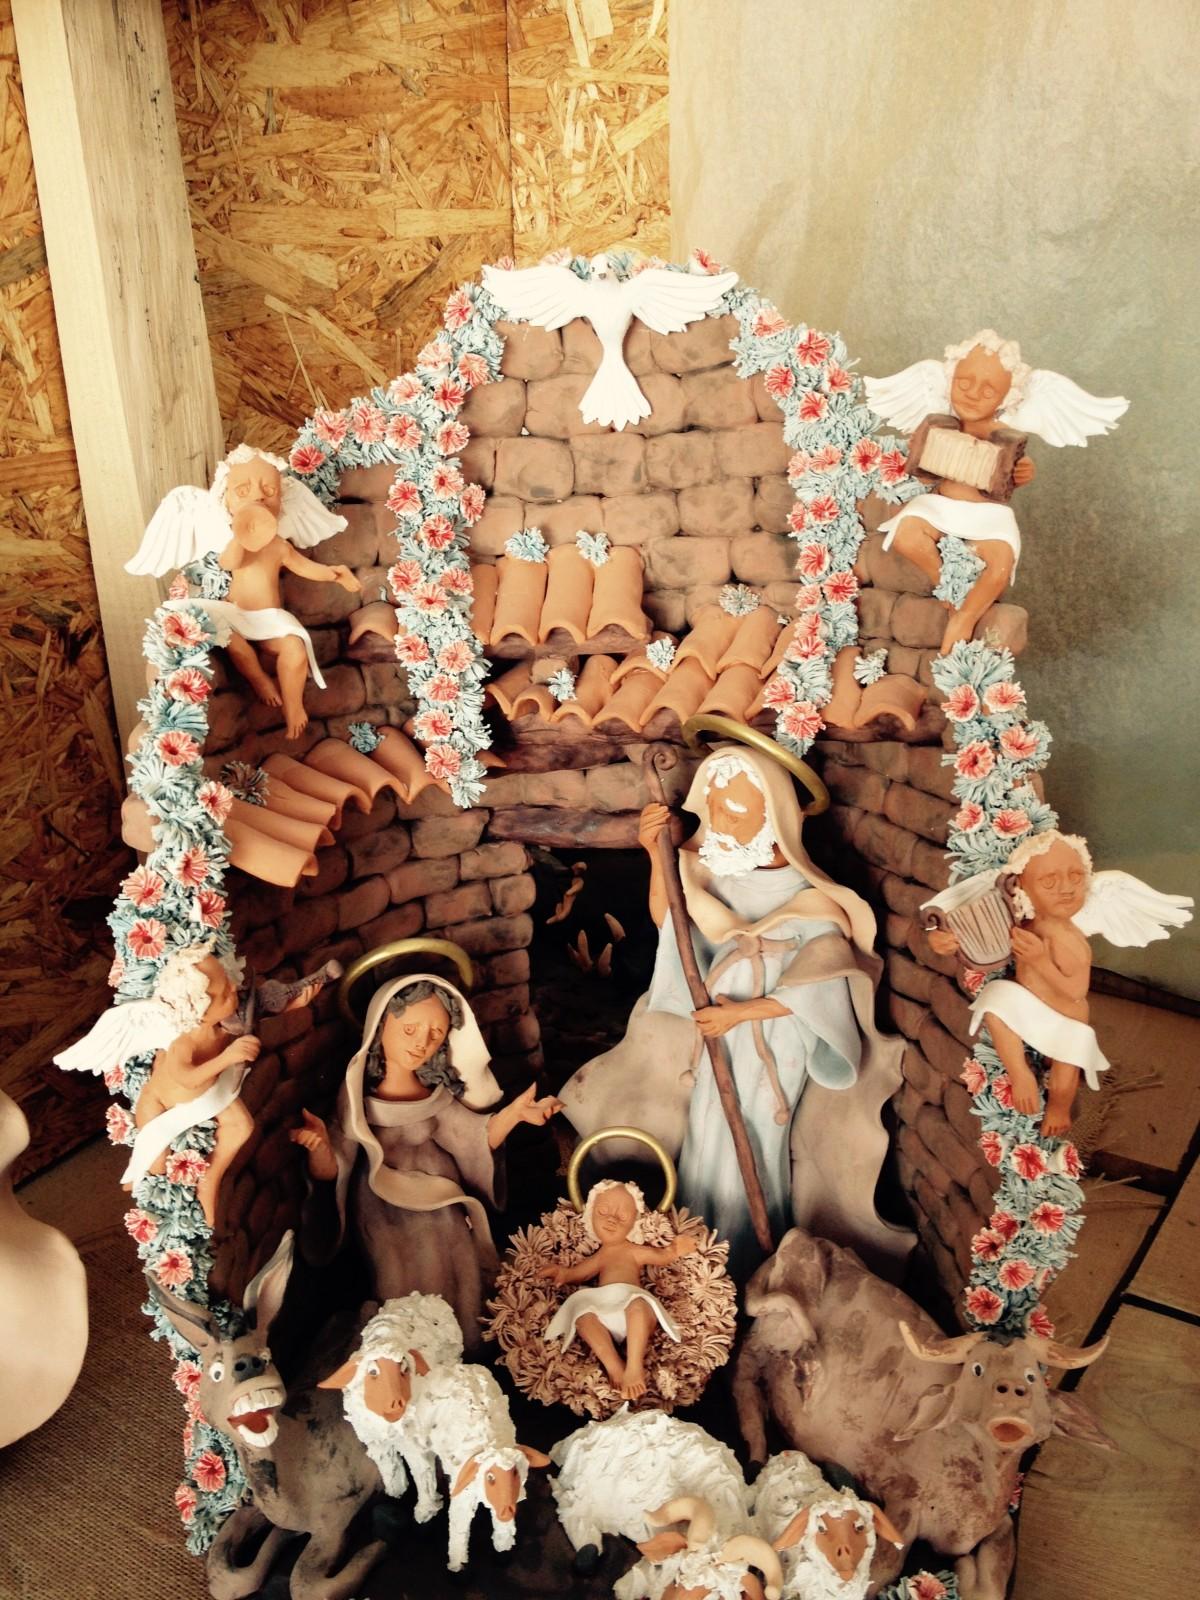 Images gratuites aliments religion d cor c l brer d coration de no l art figure du son - Images creches de noel gratuites ...